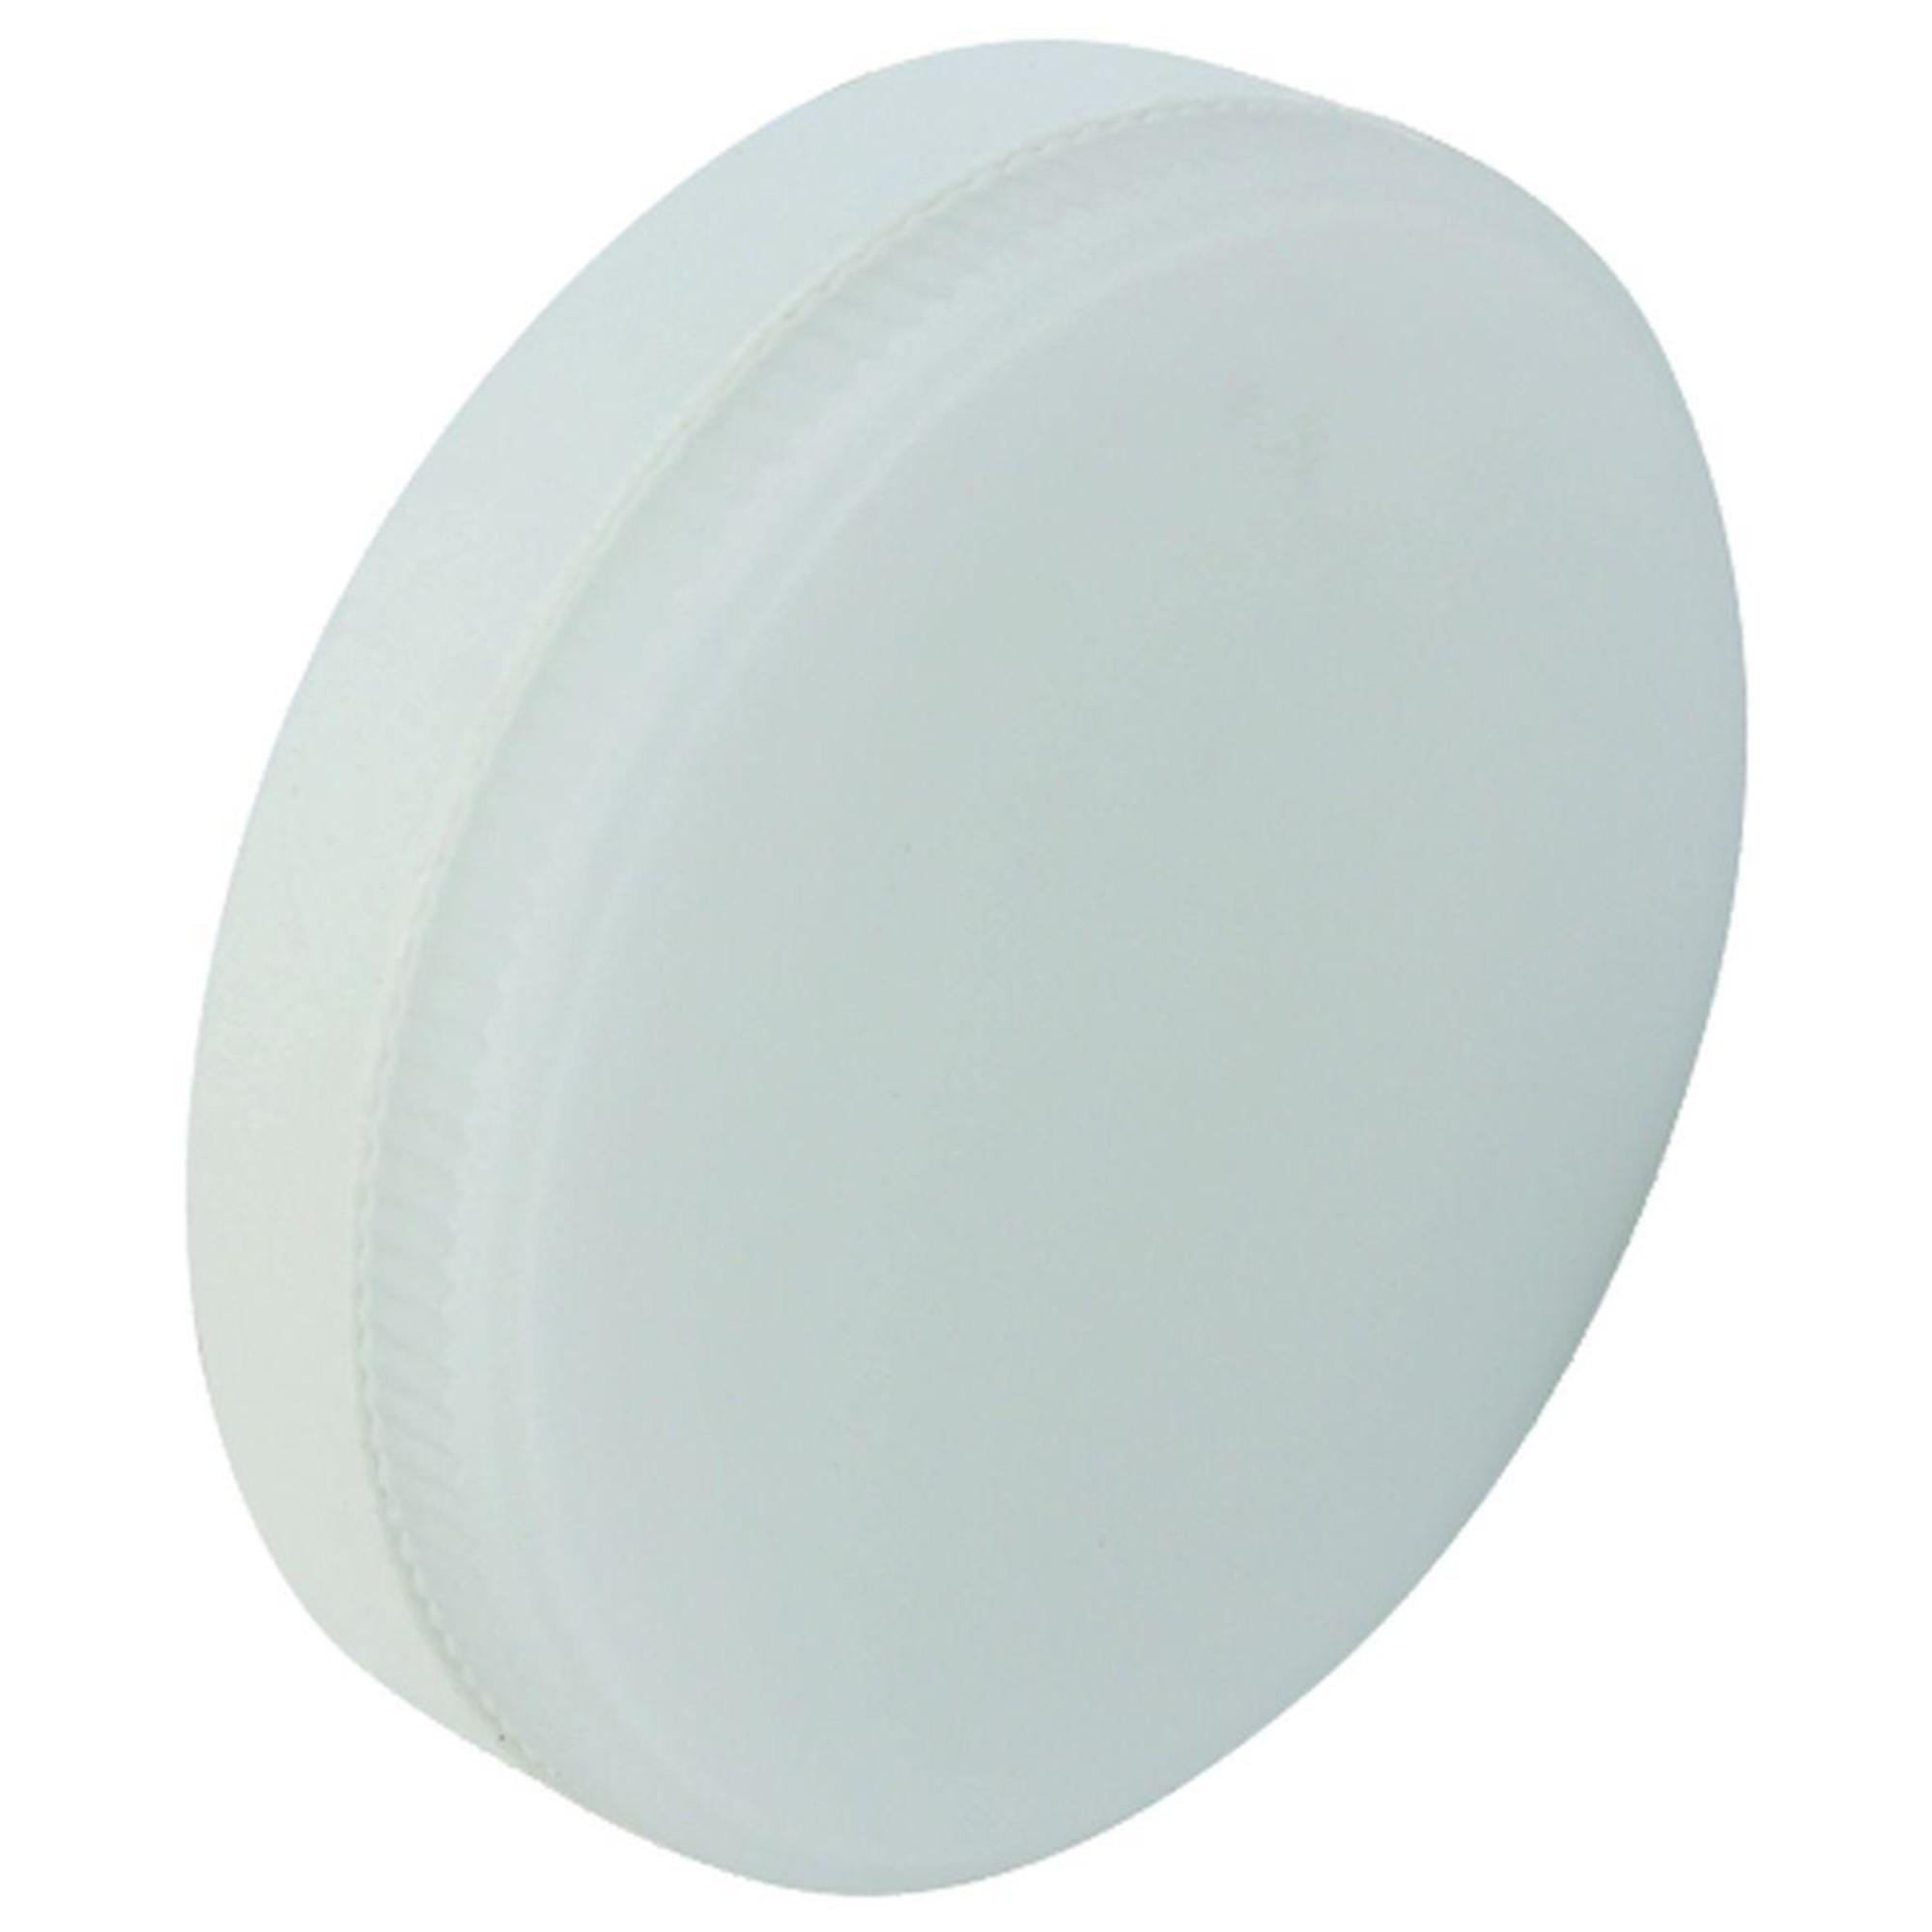 Лампа Ecola Premium светодионая GX53 6 Вт таблетка 540 Лм теплый свет